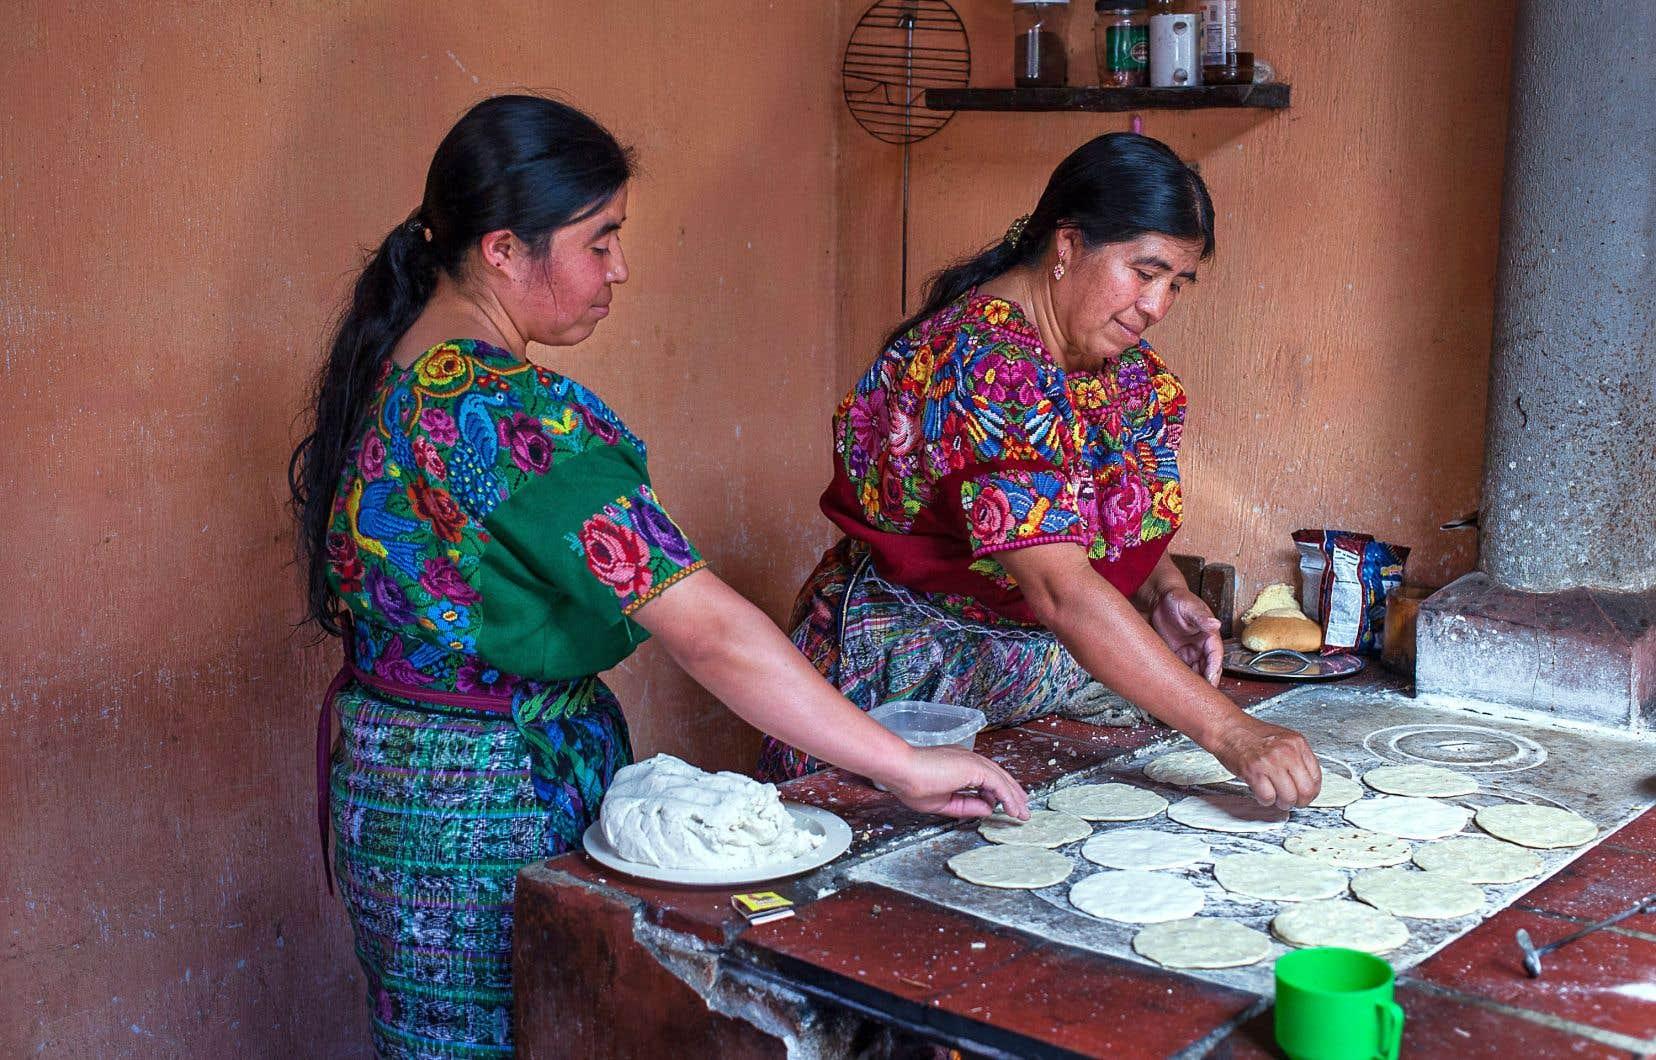 Dans le hameau Cruz de Santiago, des femmes préparent des centaines de tortillas pour une fête familiale.